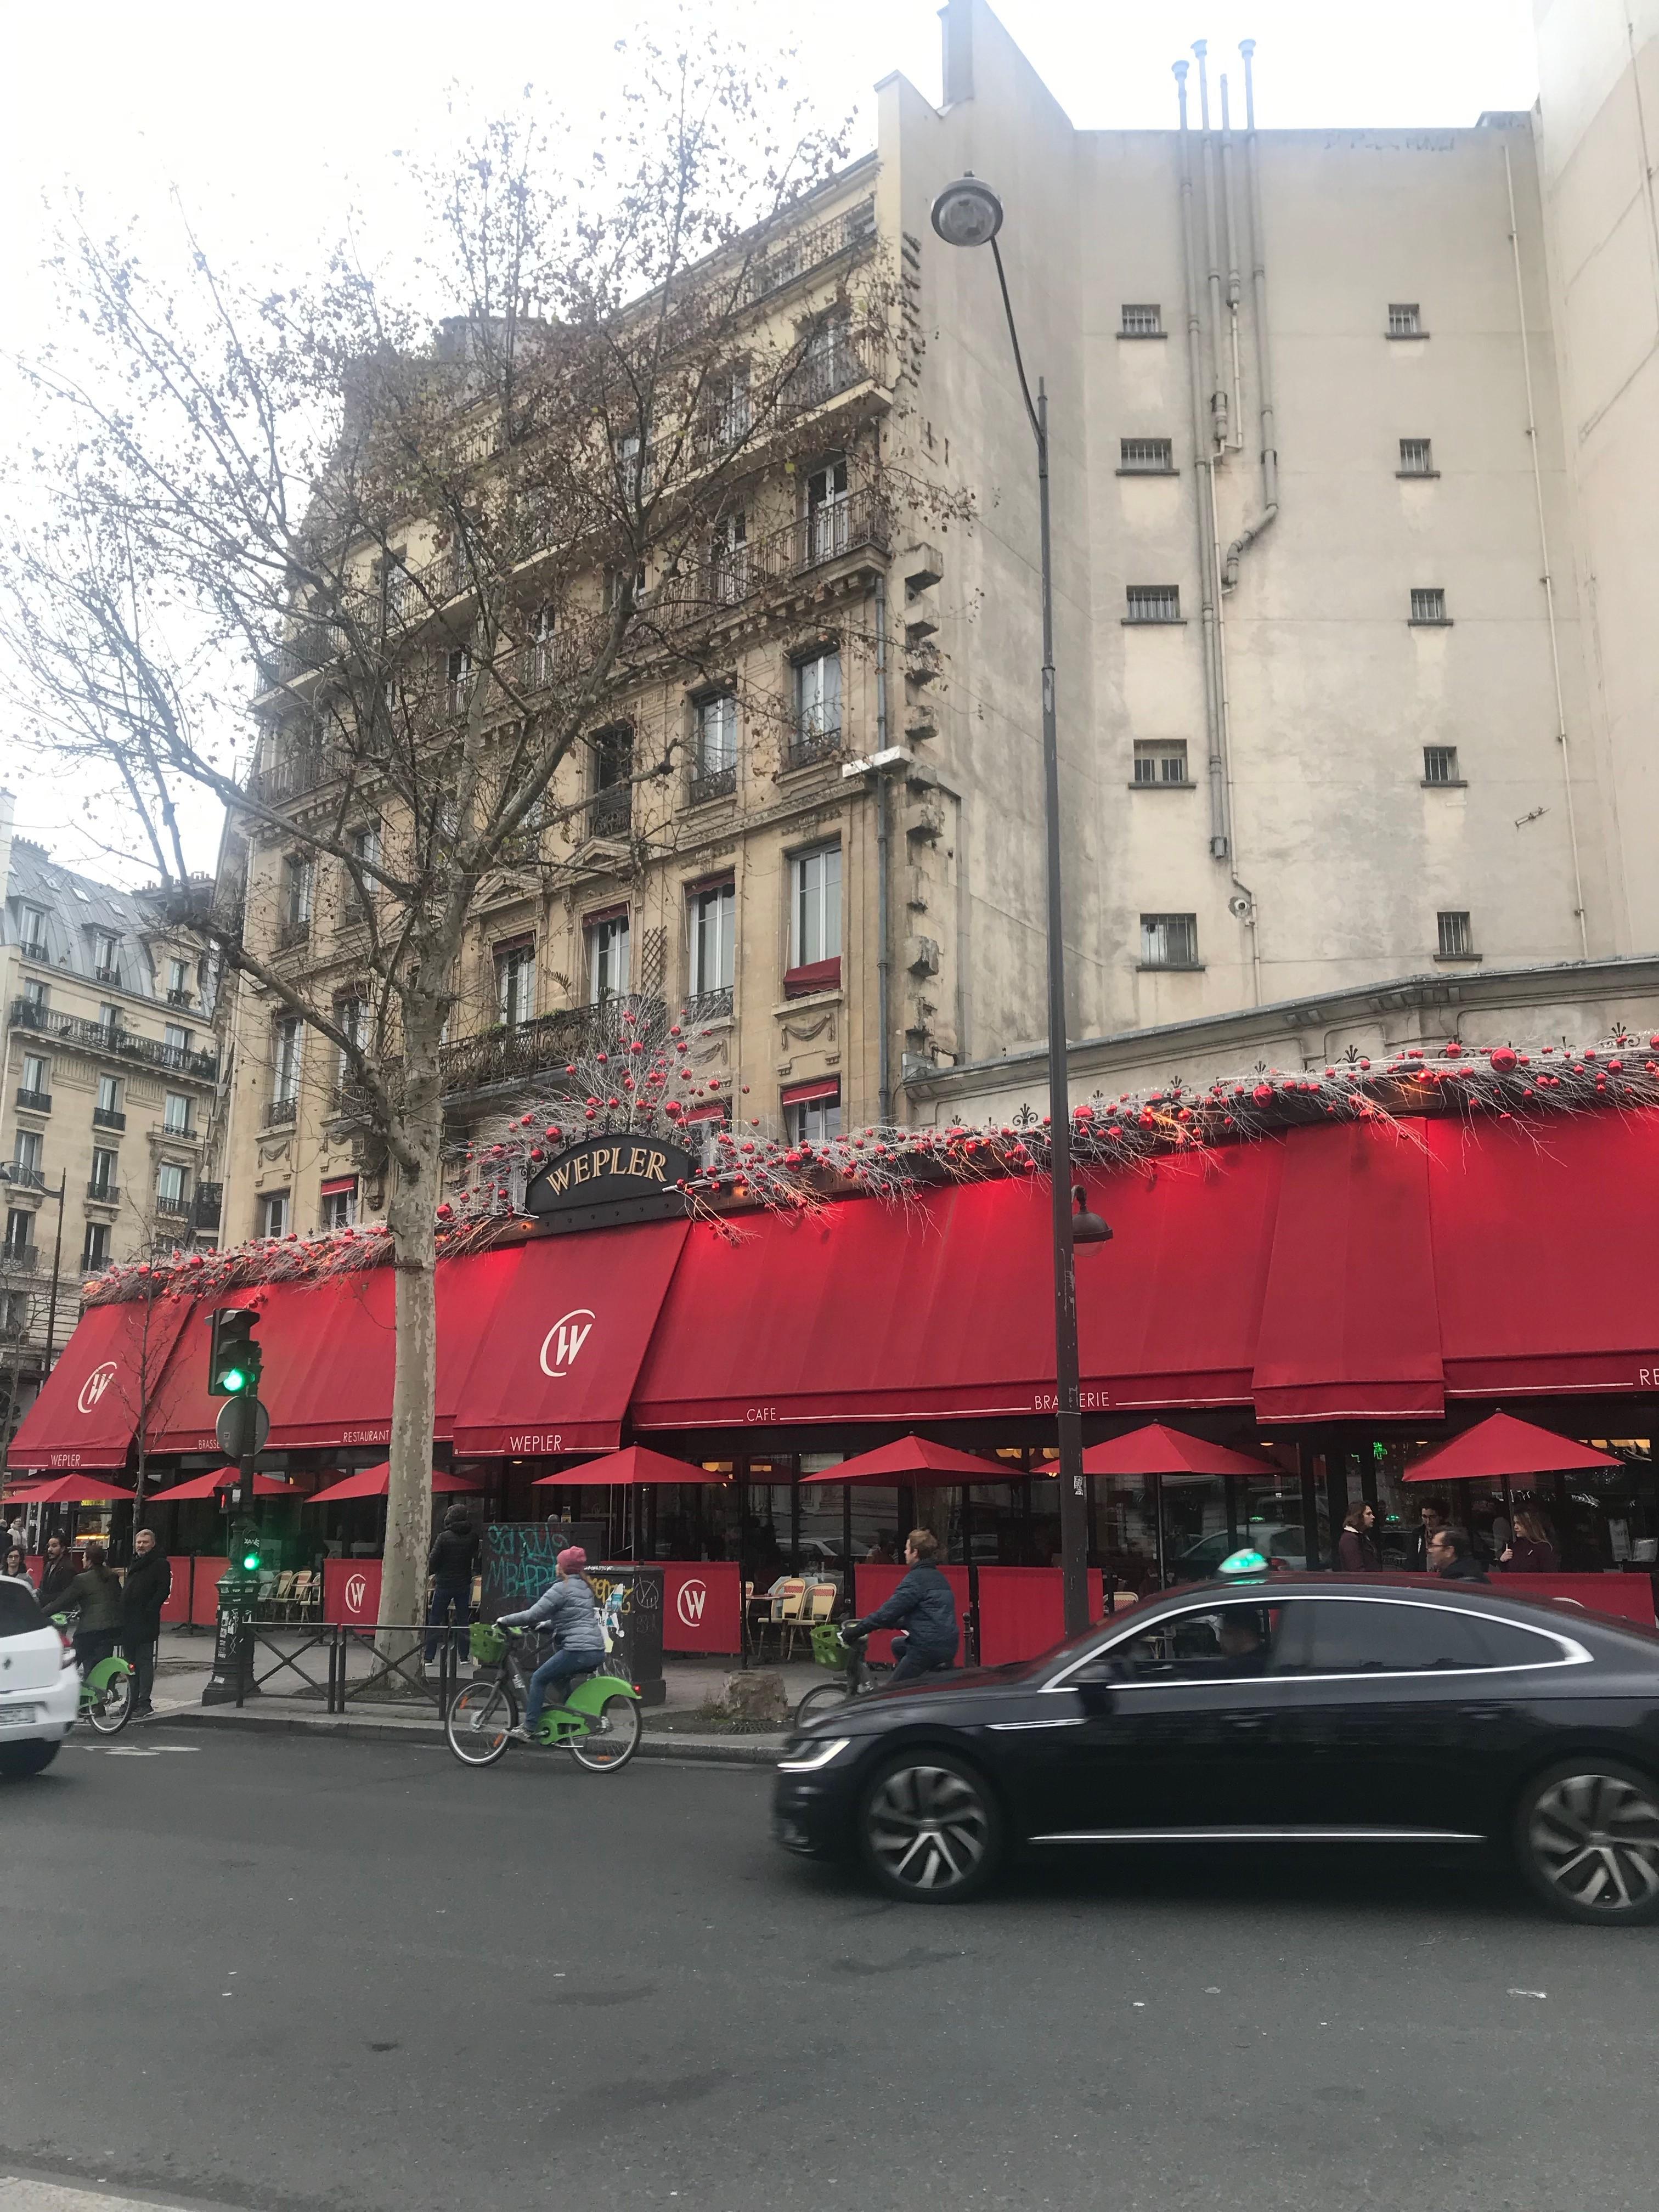 La ciudad ateniense_París [Foto Alicia Saturna 2019] (12)